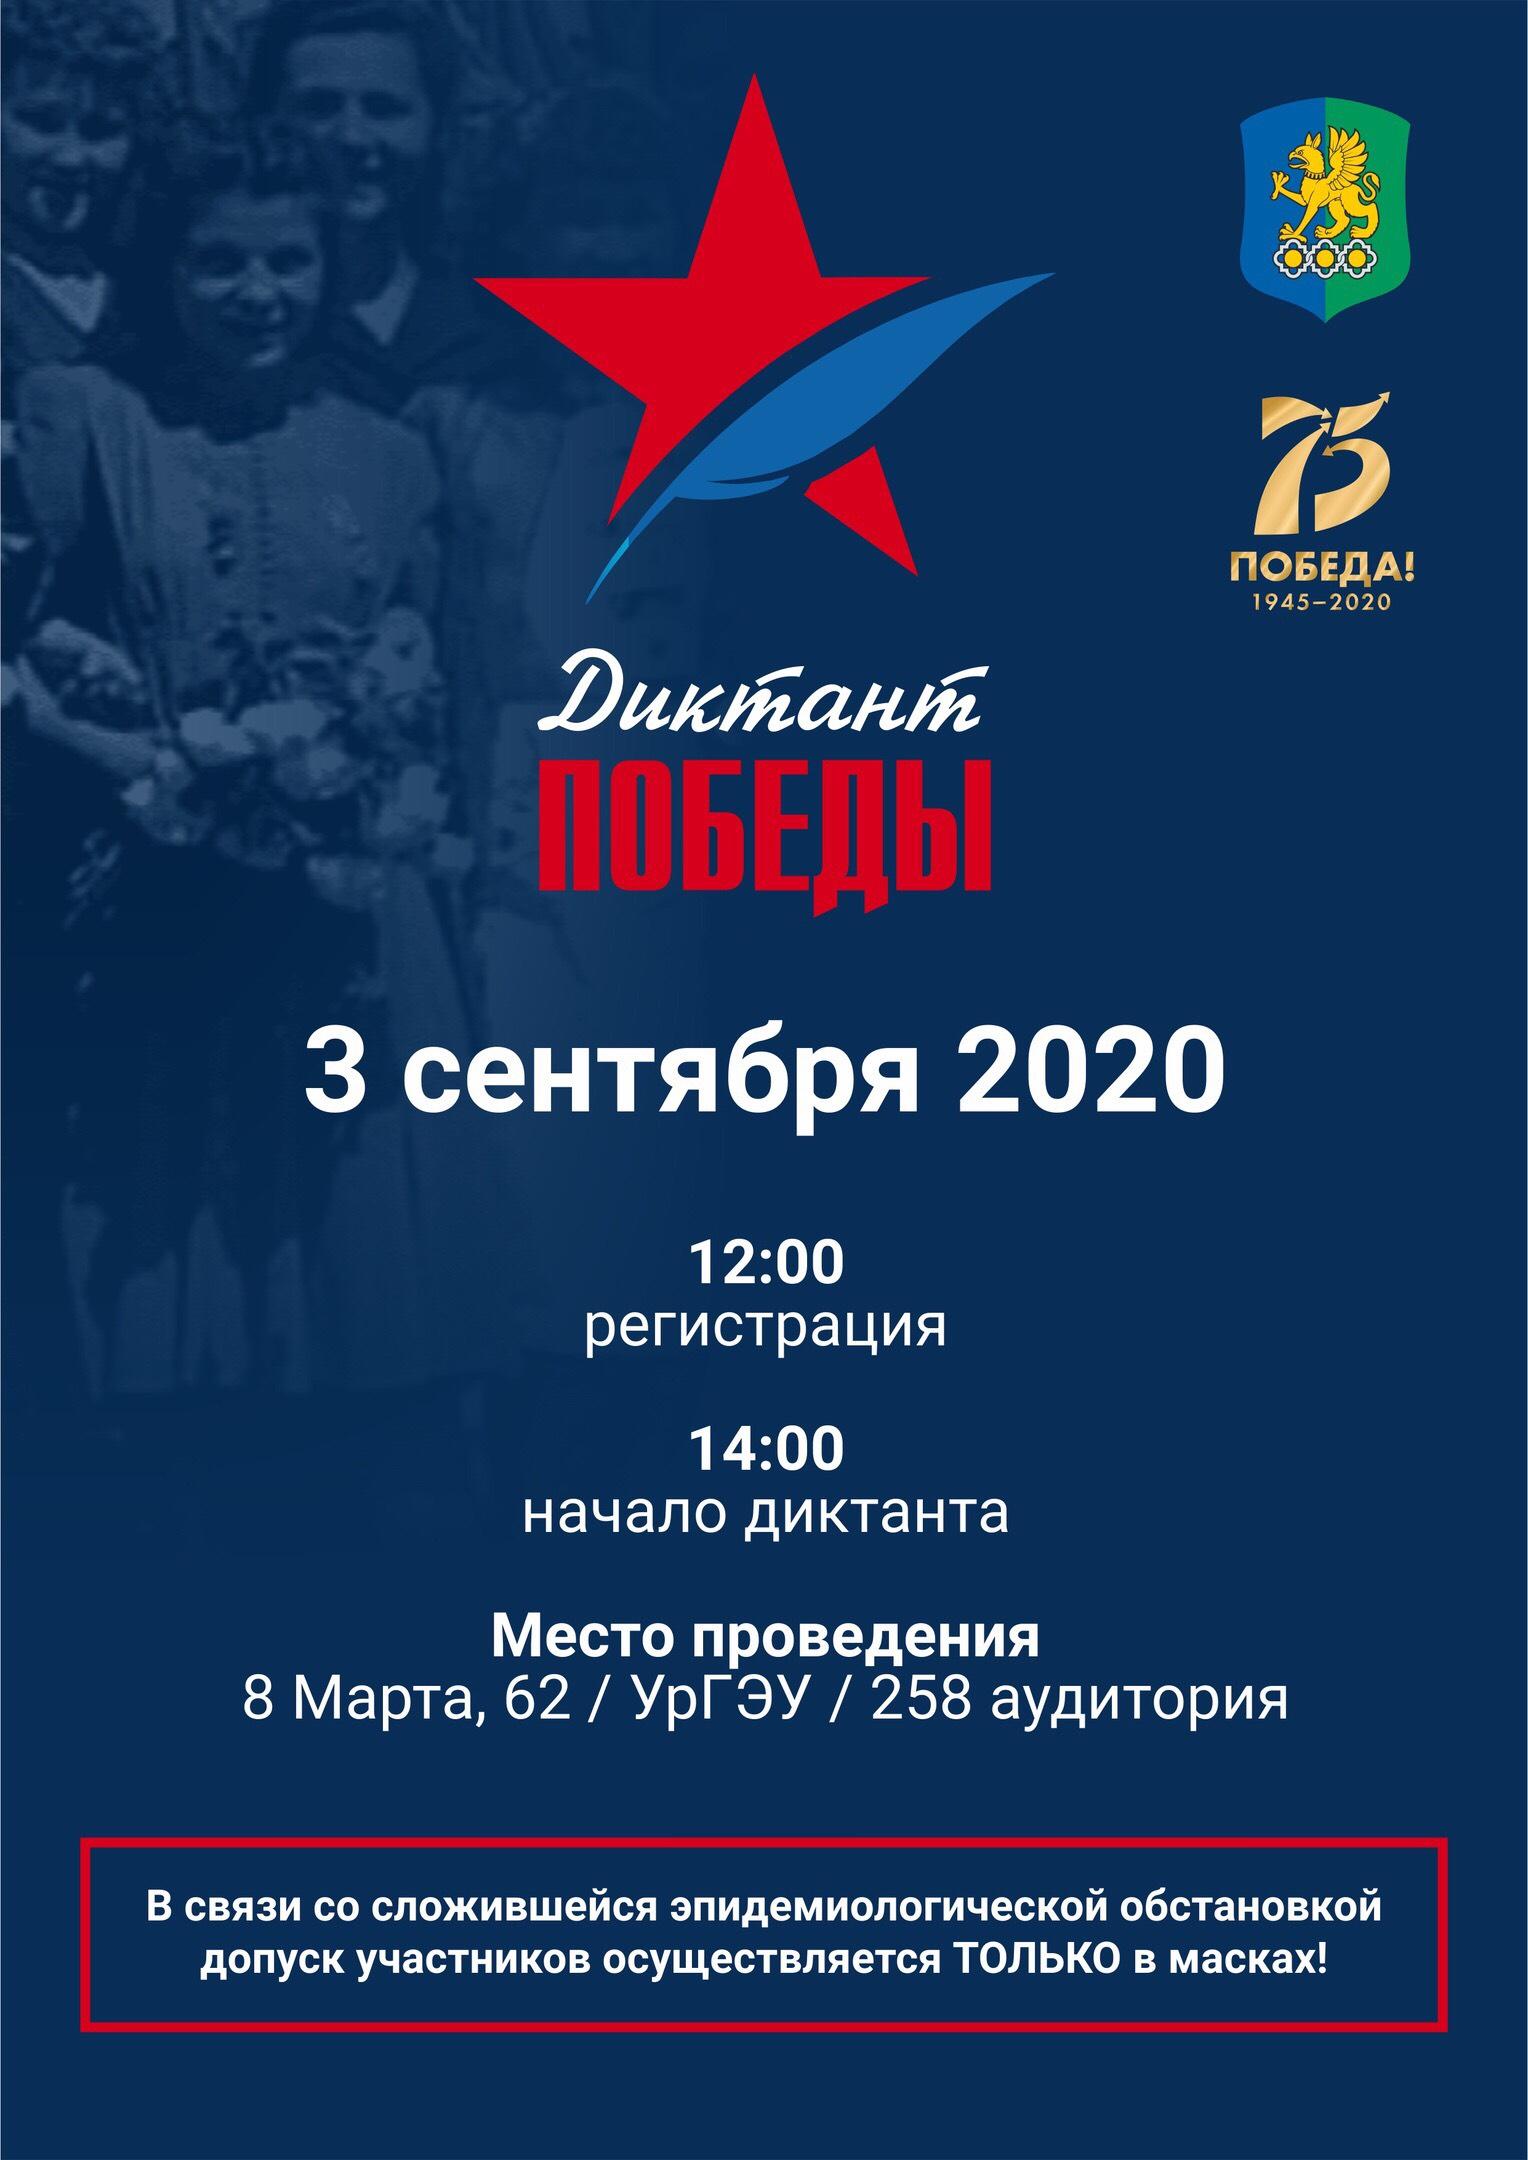 Диктанта Победы — всероссийской исторической акции, посвященной Великой Отечественной войне.